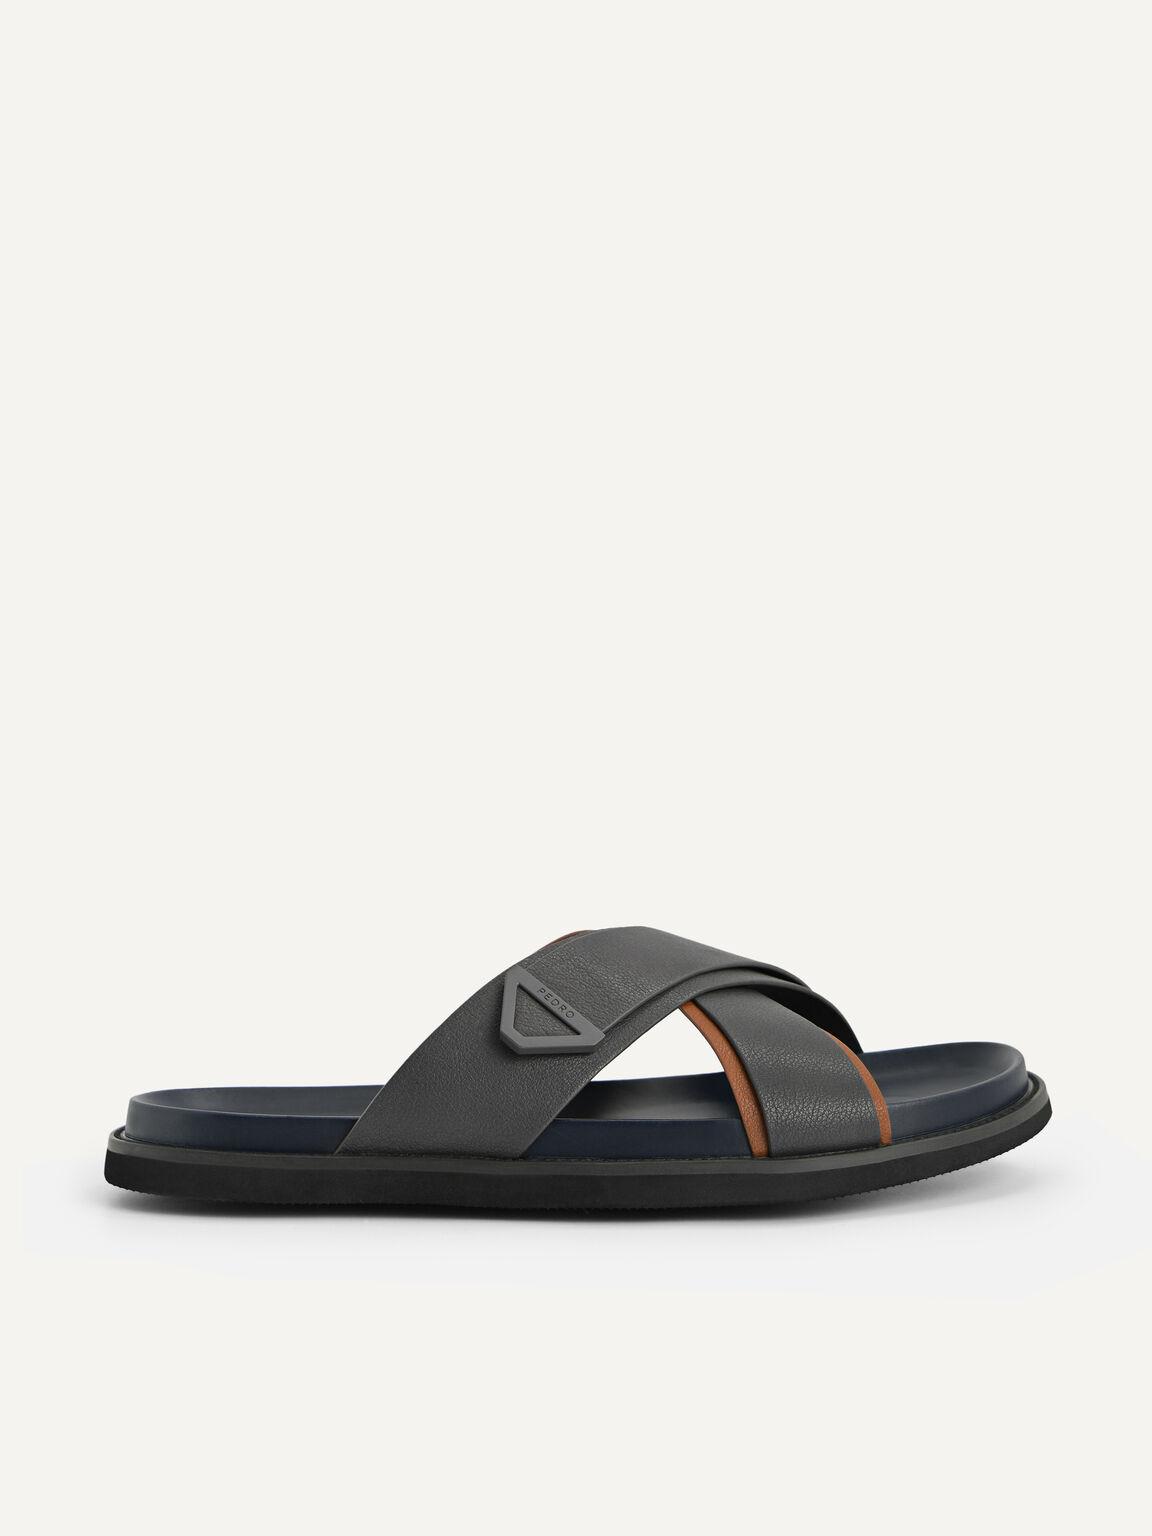 Criss-Cross Sandals, Navy, hi-res